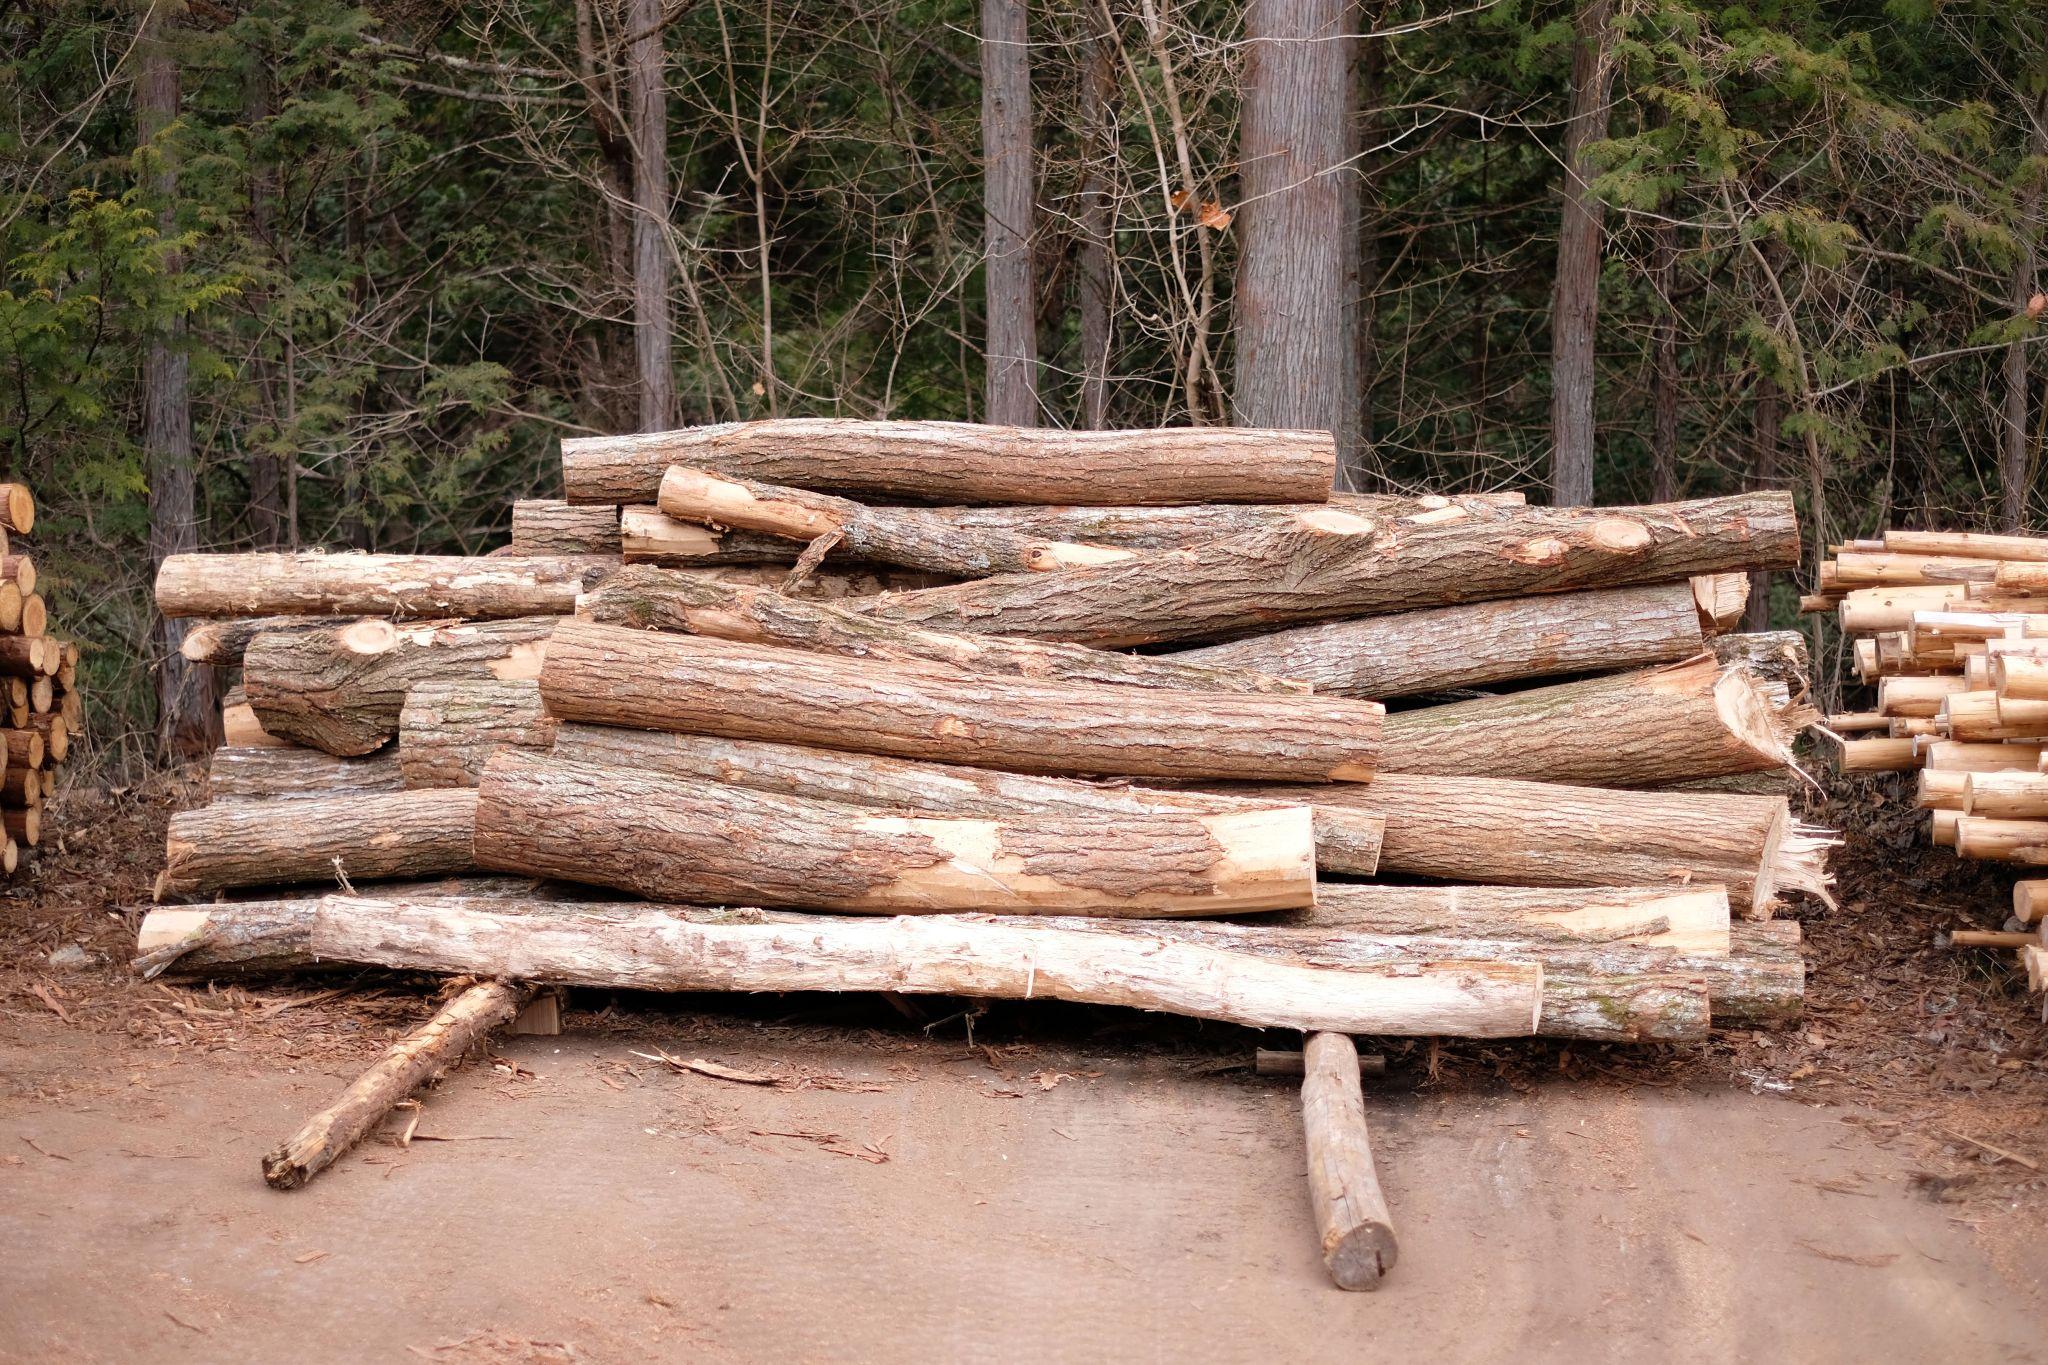 木が切られているなぁという記録写真